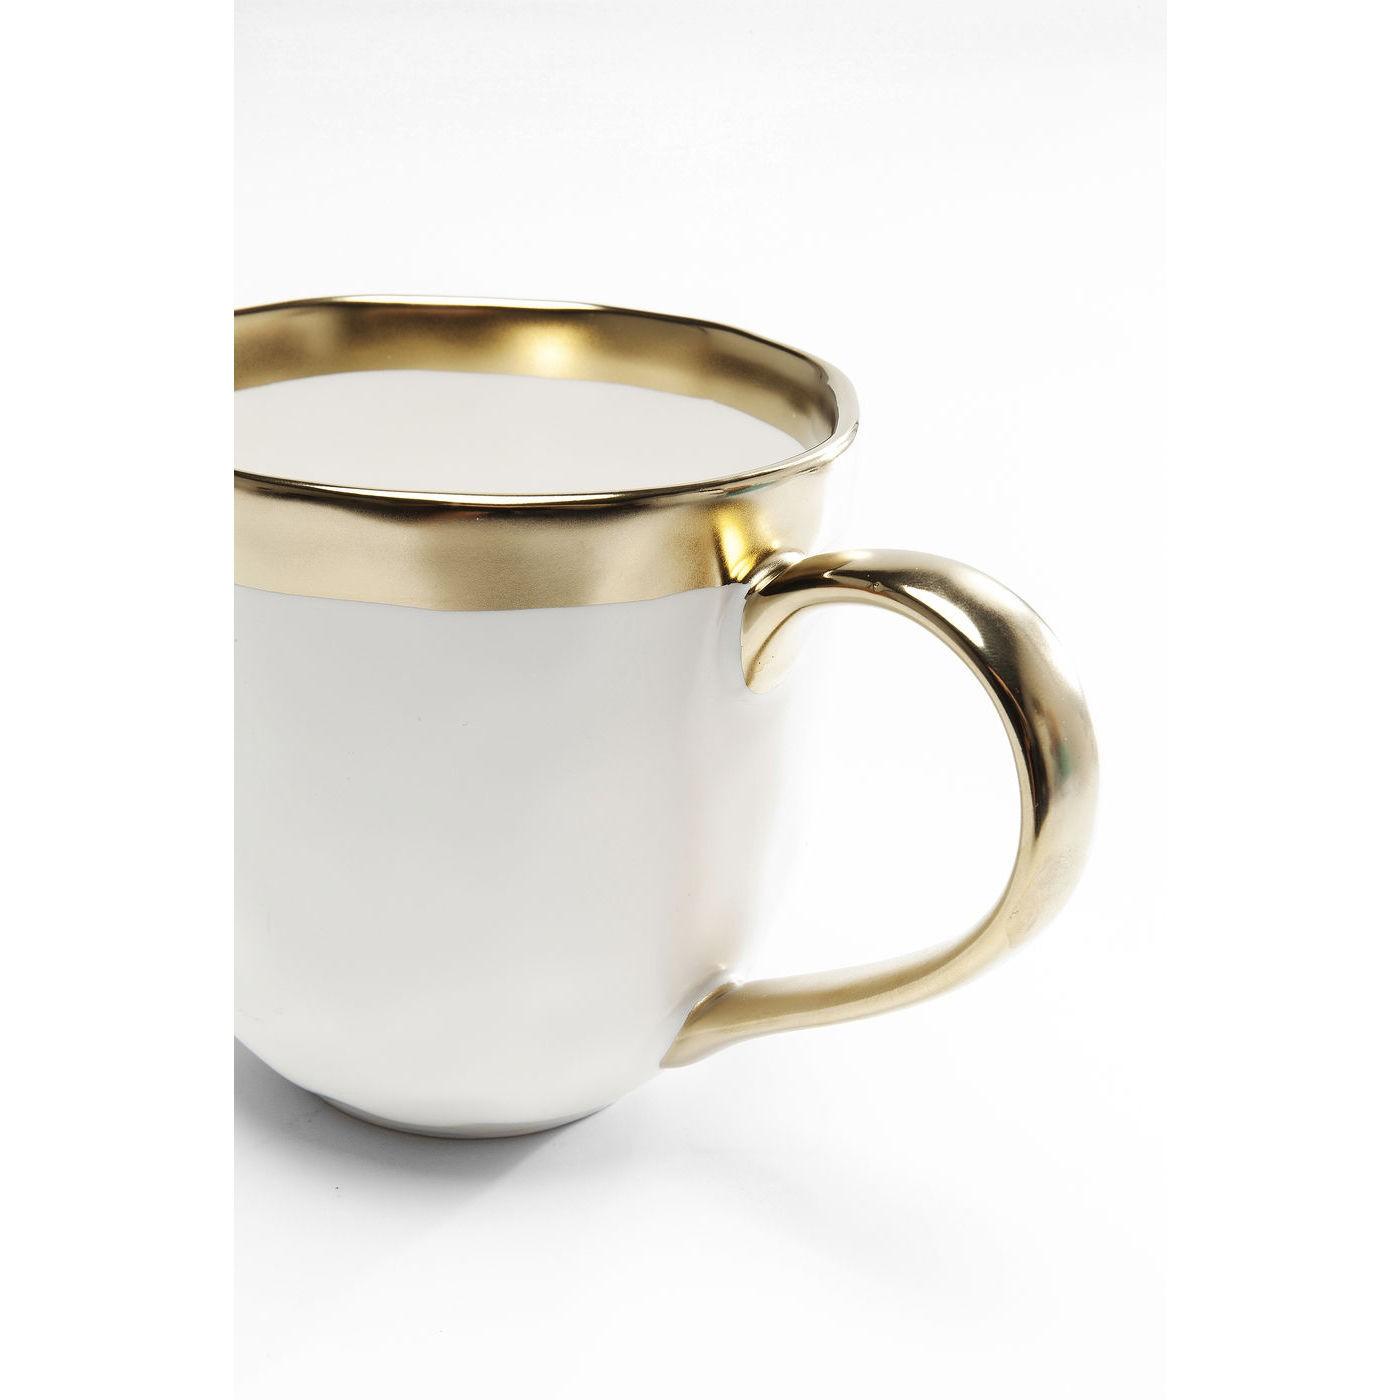 Tasses Bell set de 2 Kare Design